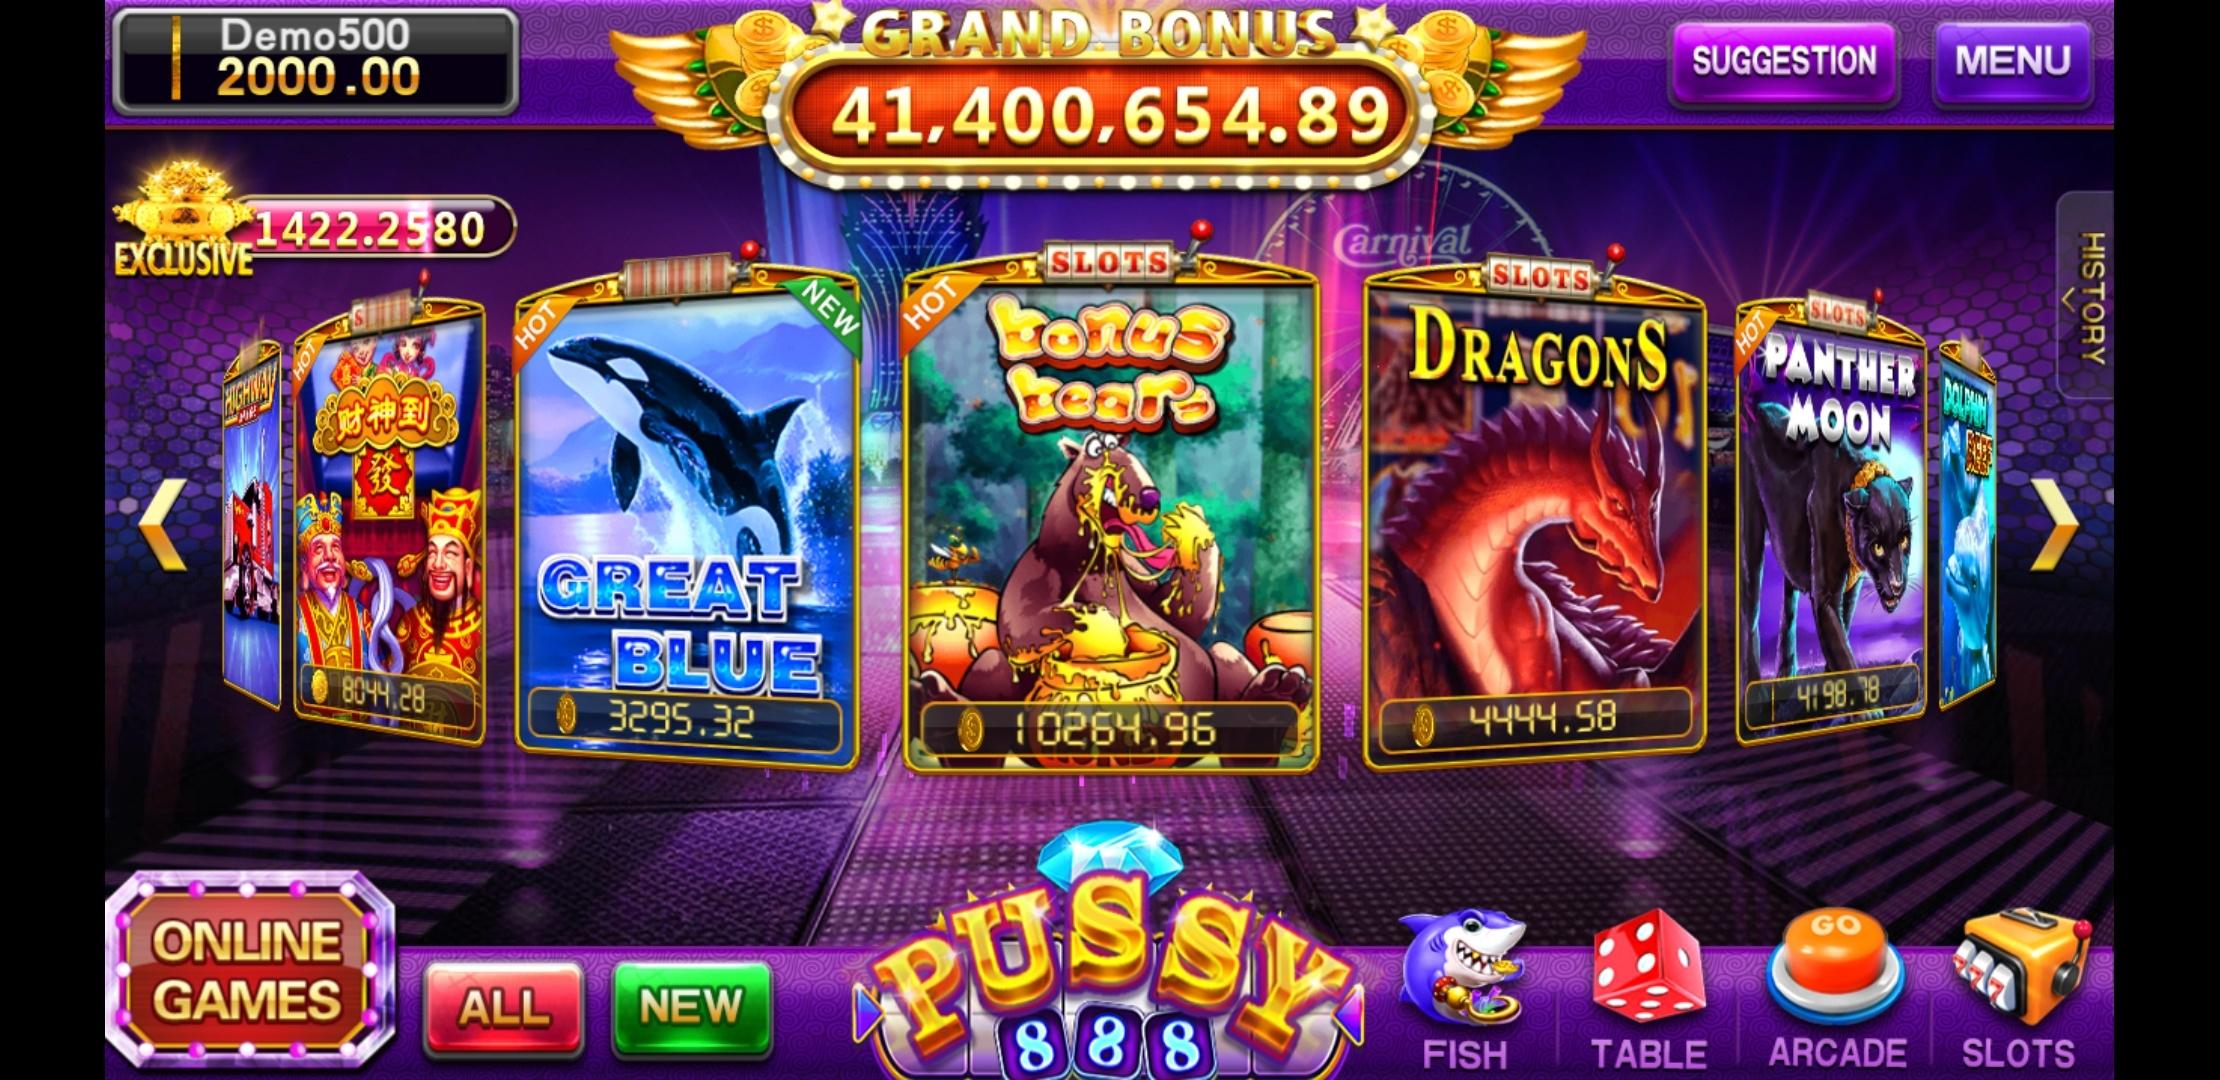 Zodiac casino mobile